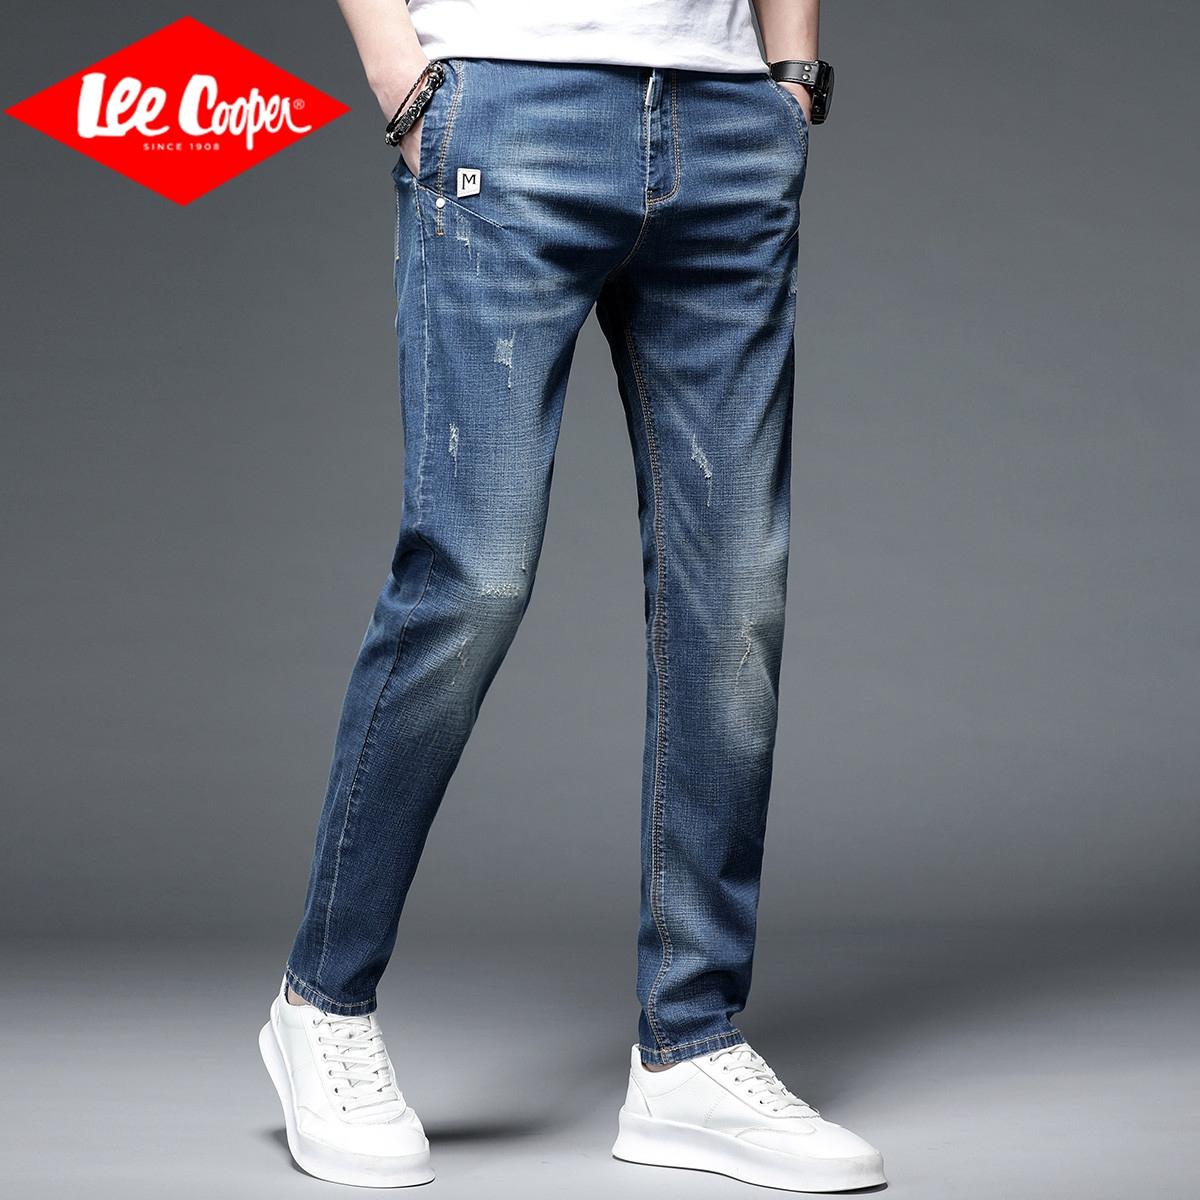 Lee Cooper2020年秋季韩版潮流直筒宽松百搭九分薄款休闲牛仔裤男